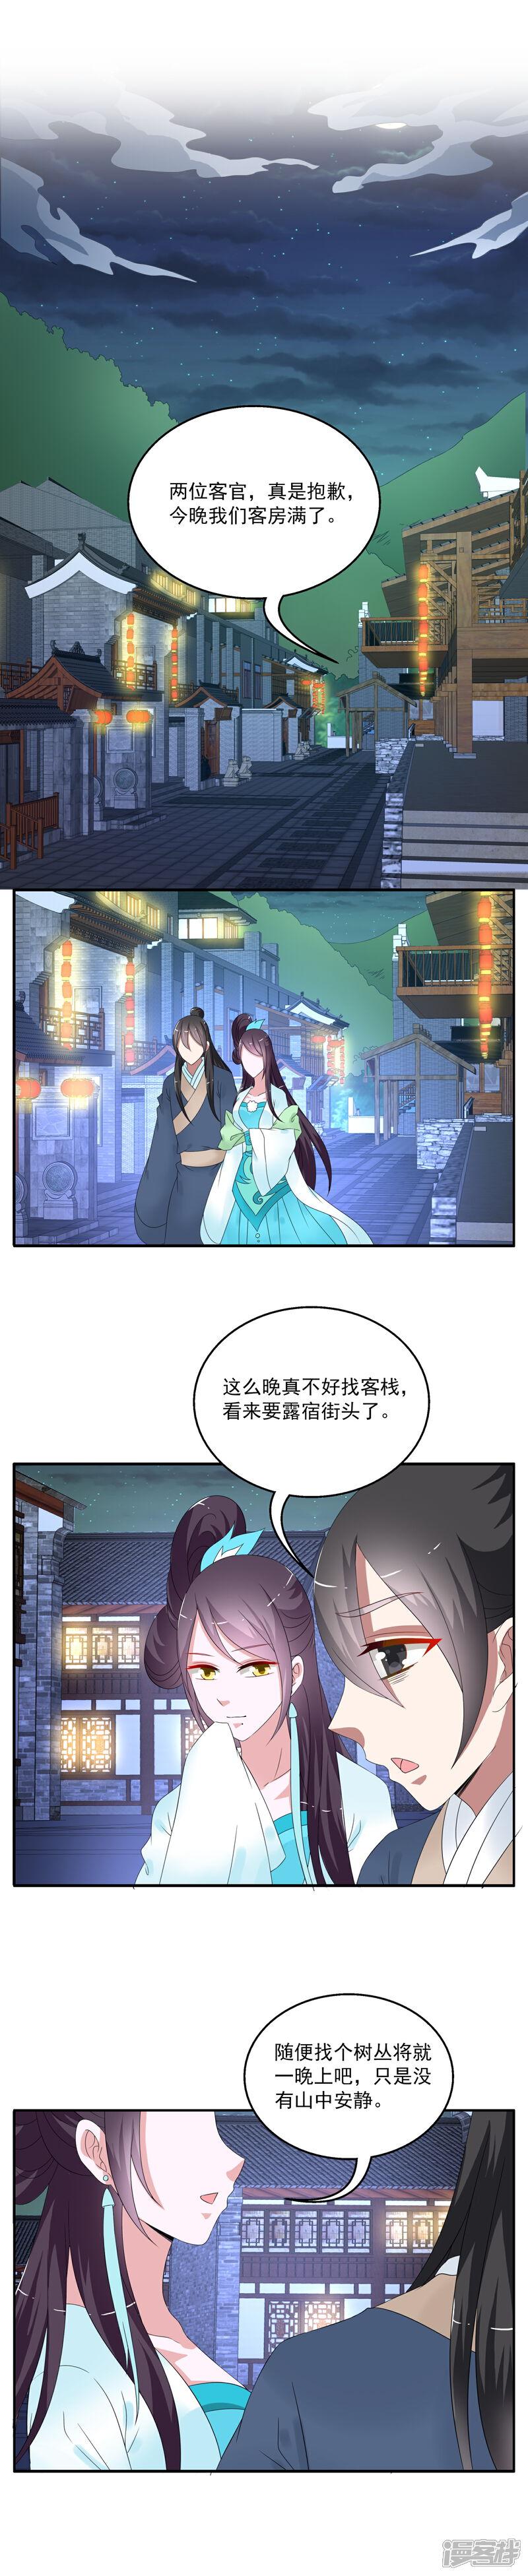 洛小妖162 (2).JPG